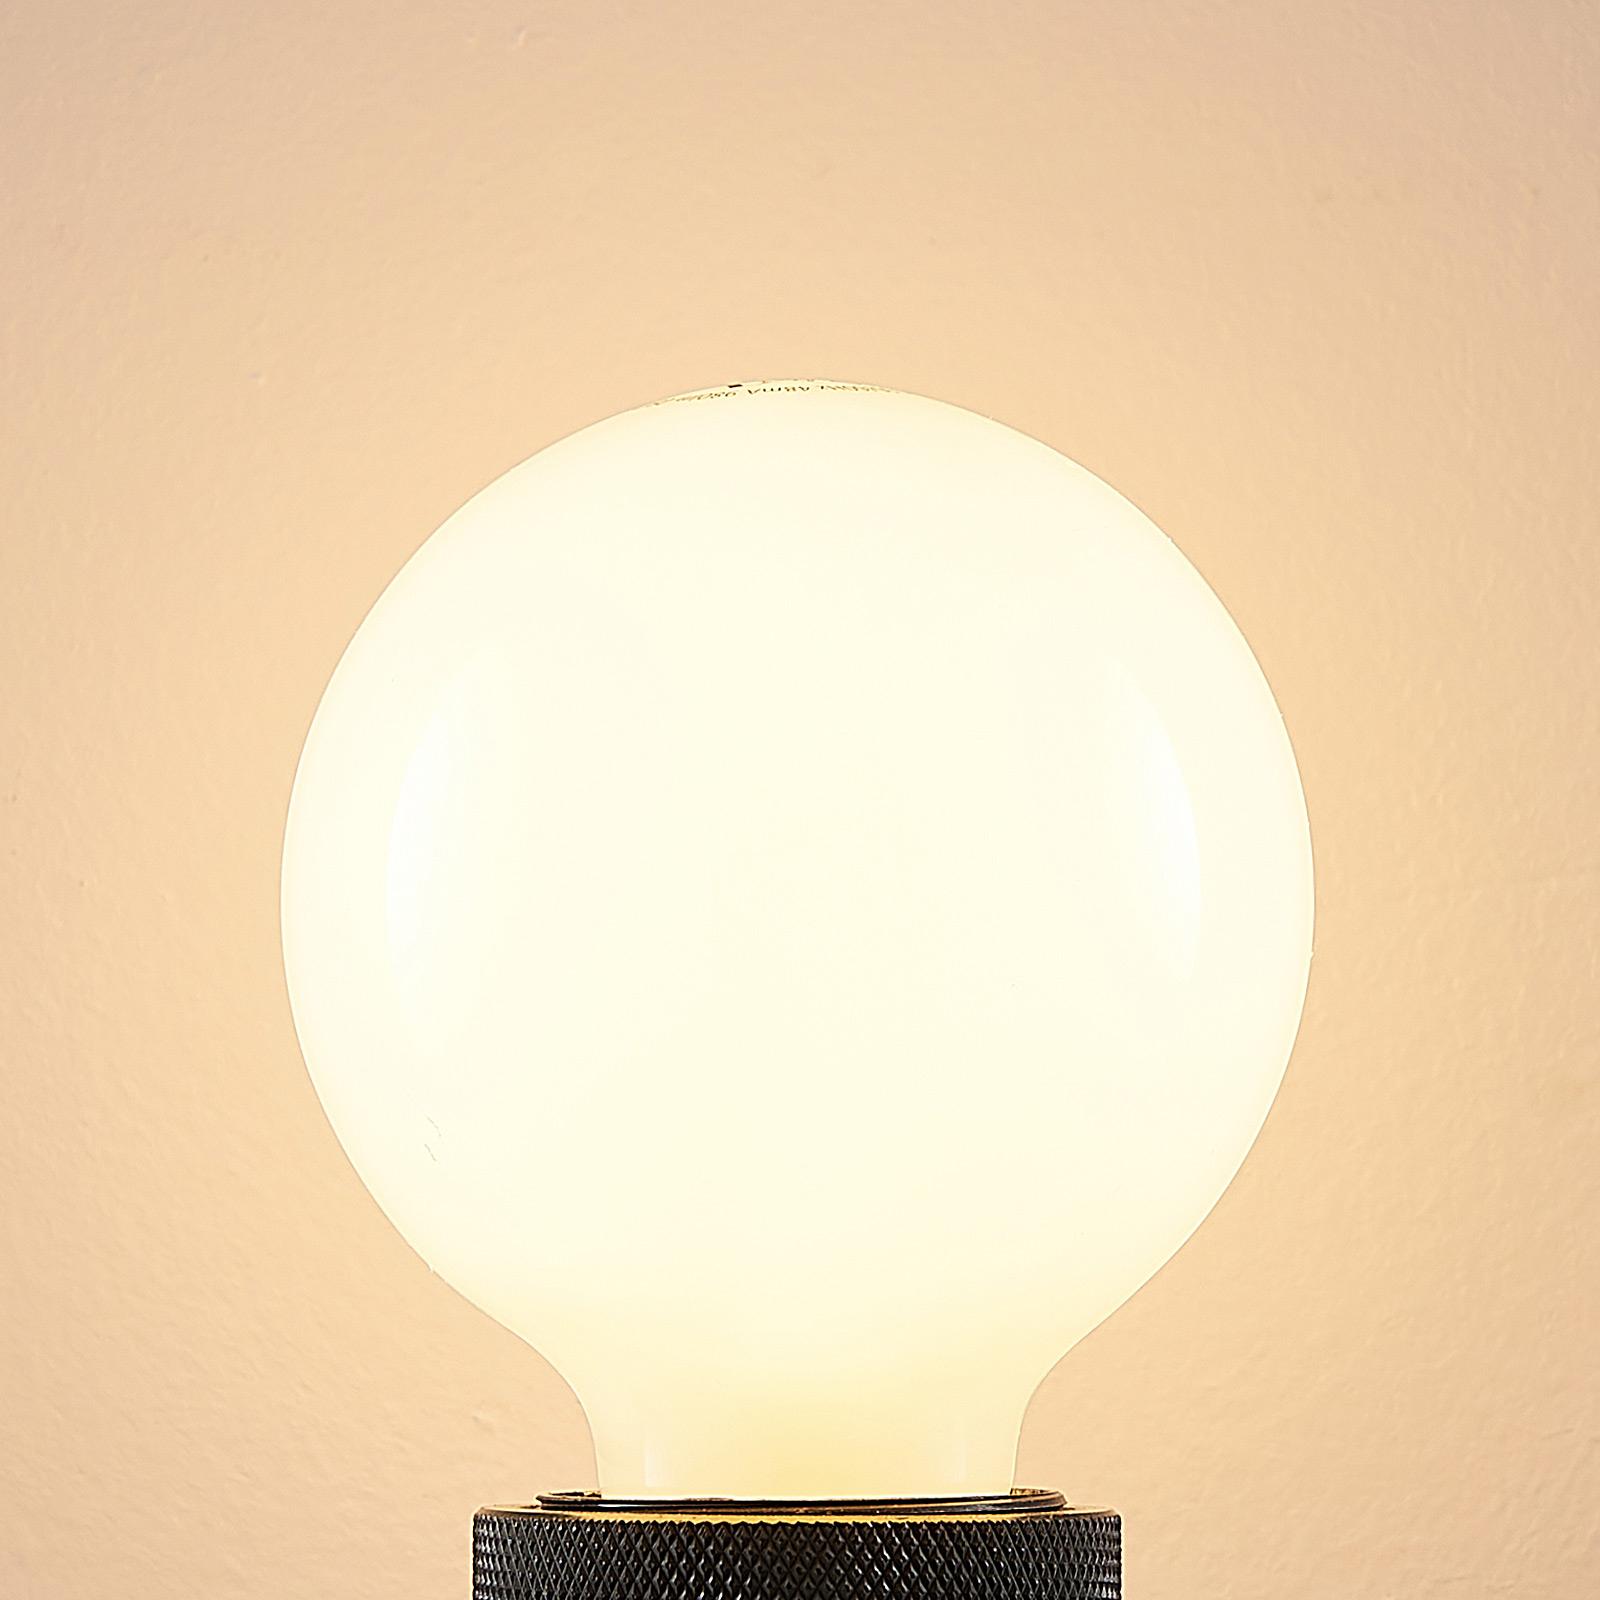 LED-pære E27 8 W 2700K varmhvit, dimbar, opal